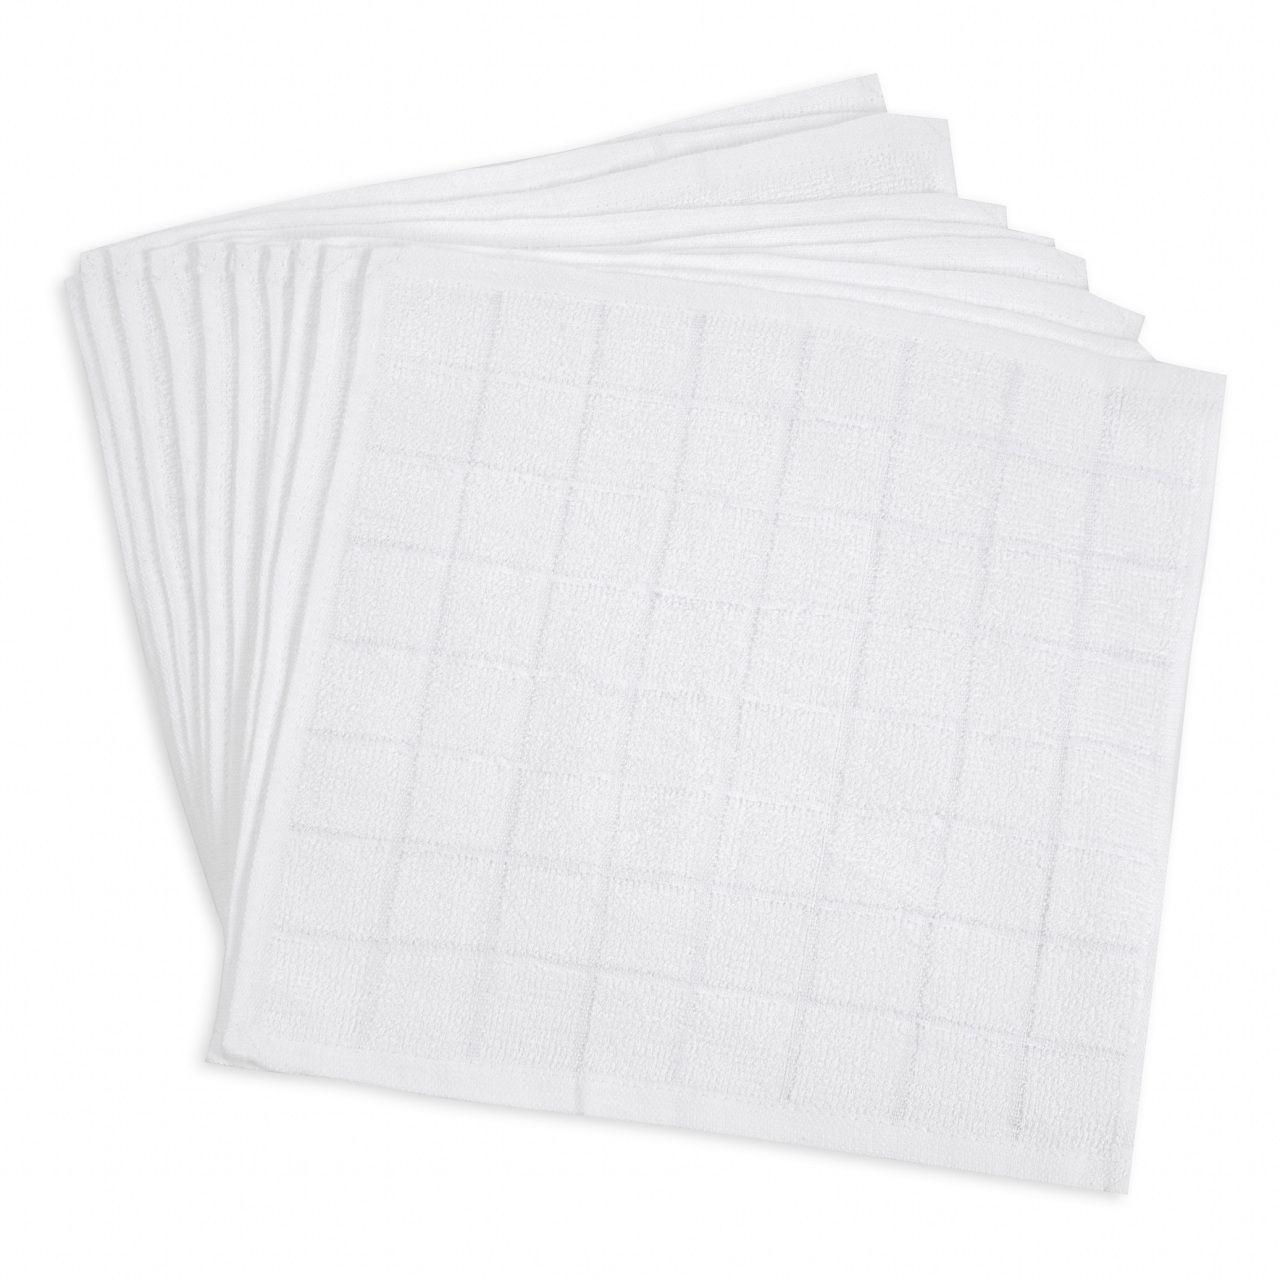 60匁 おしぼりタオル白 8×8格子